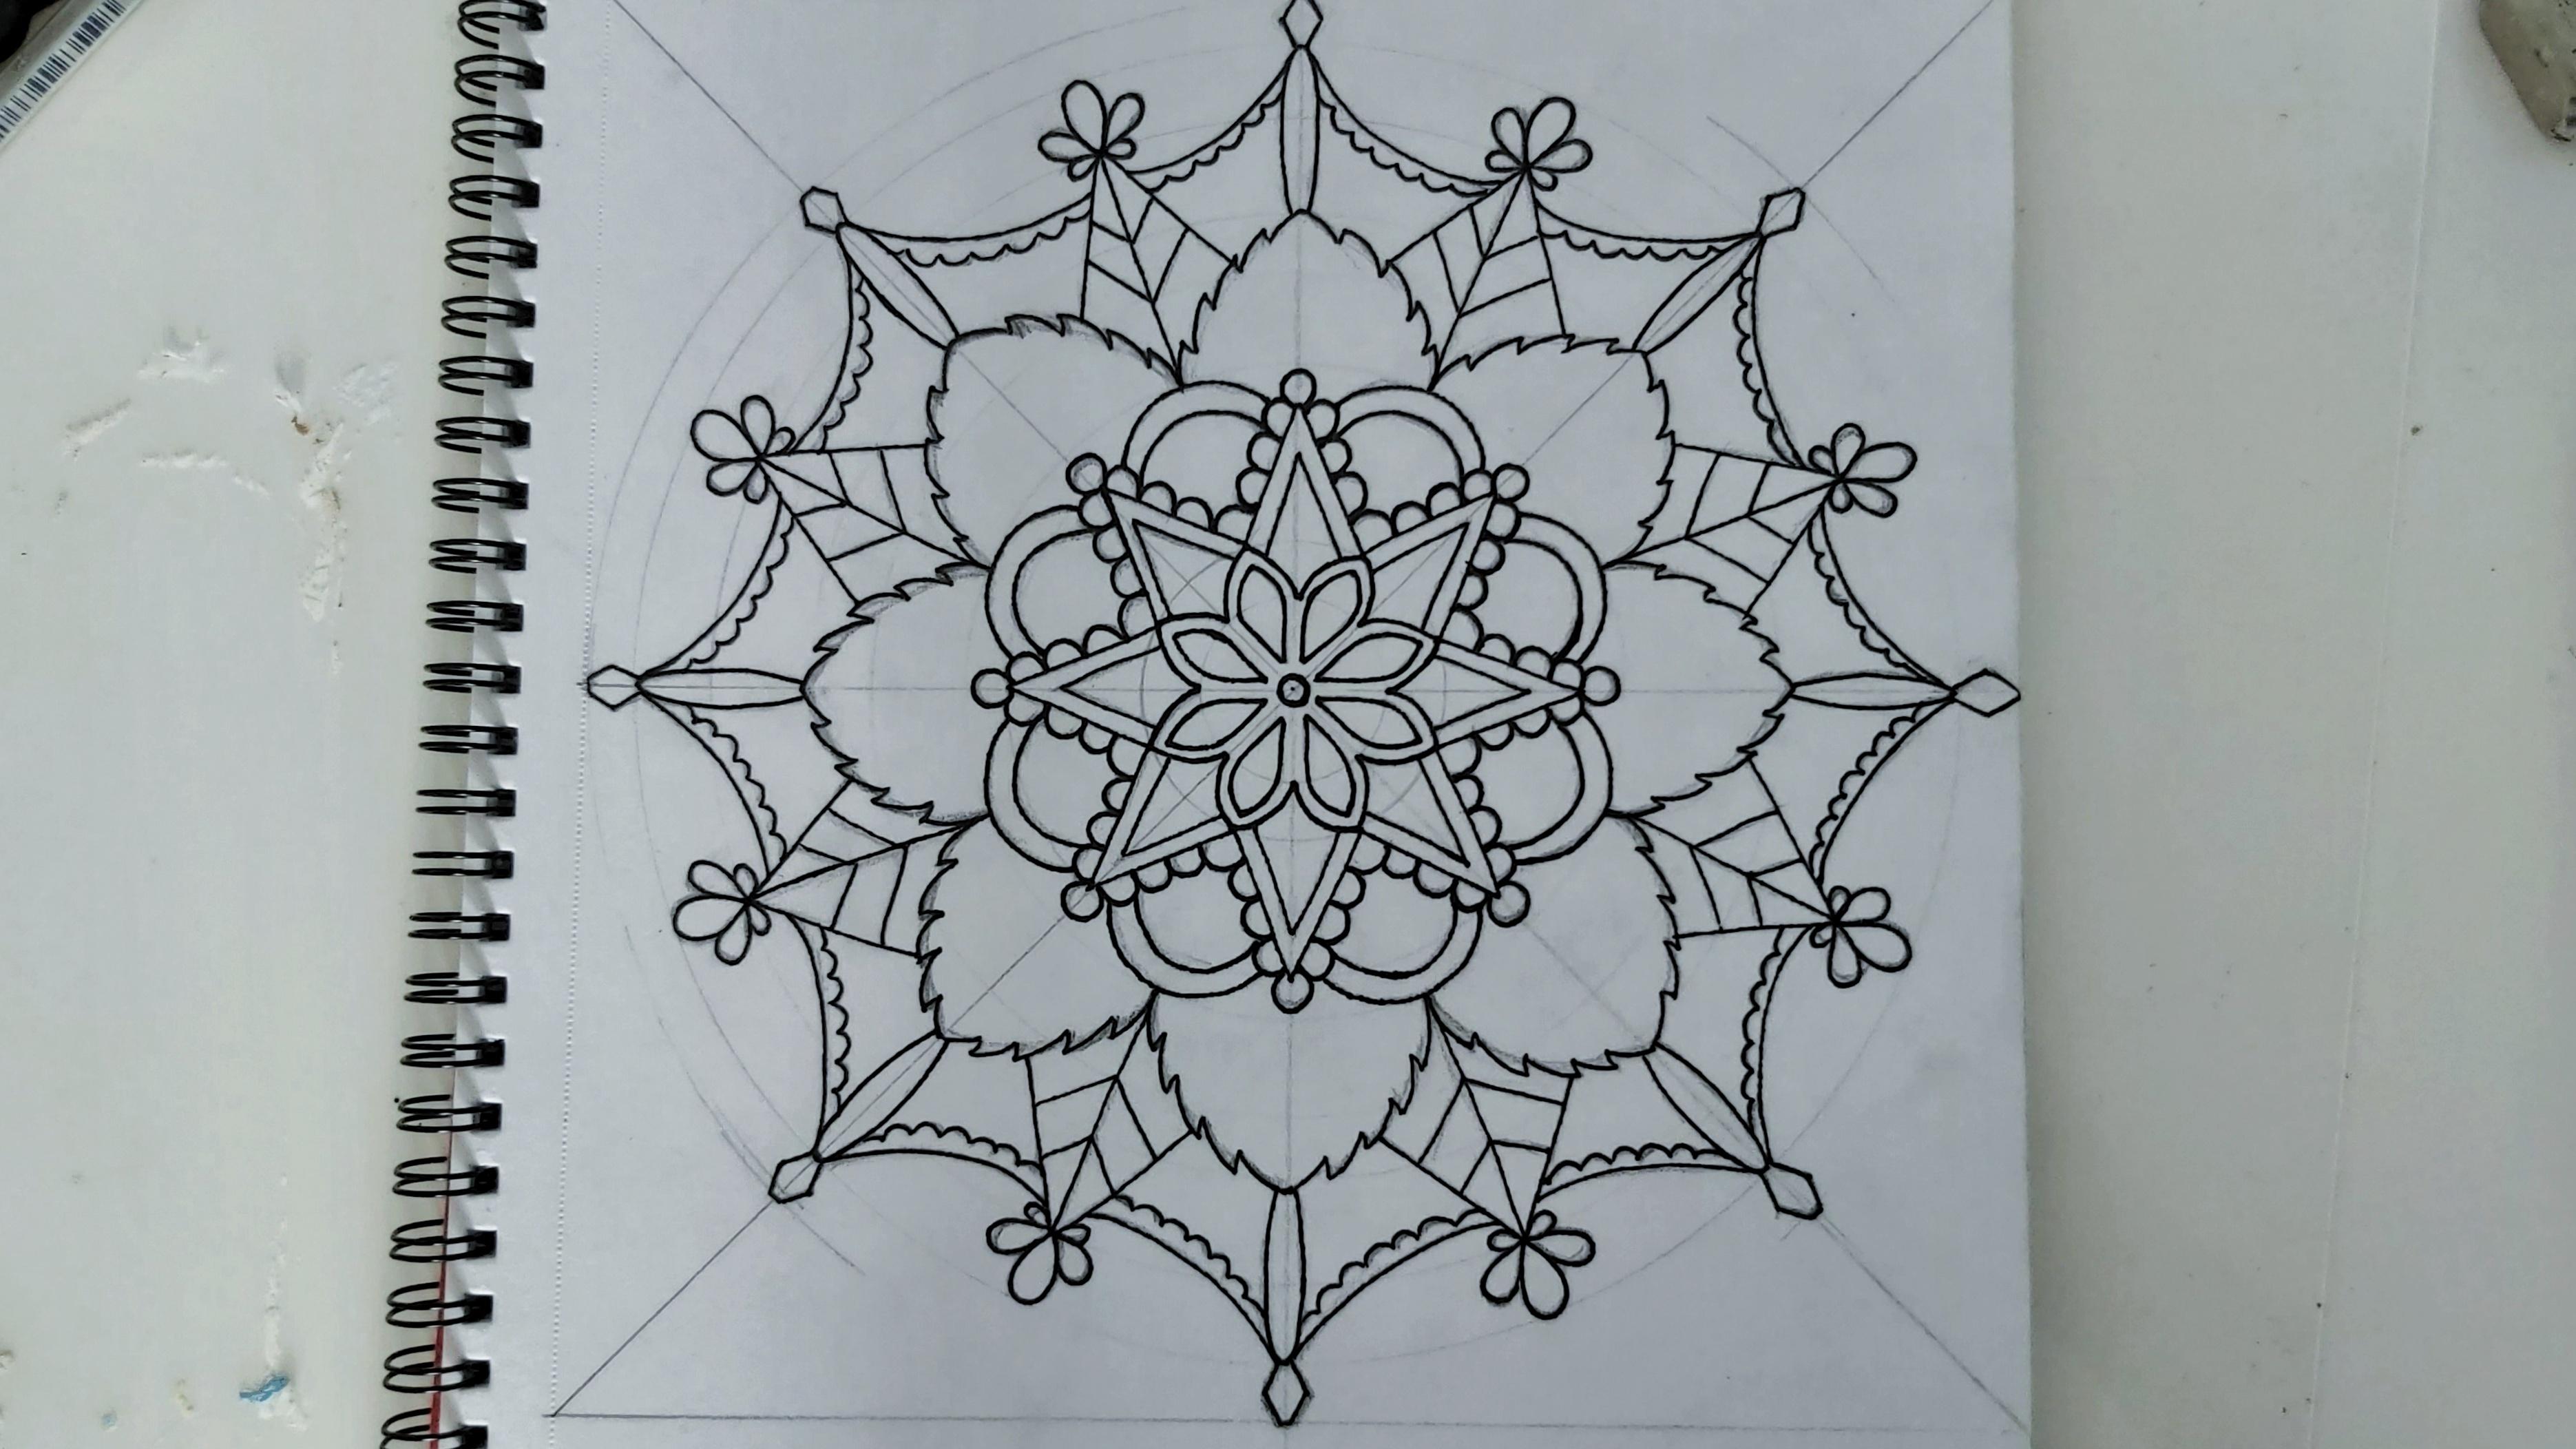 Mandala in black liner pen